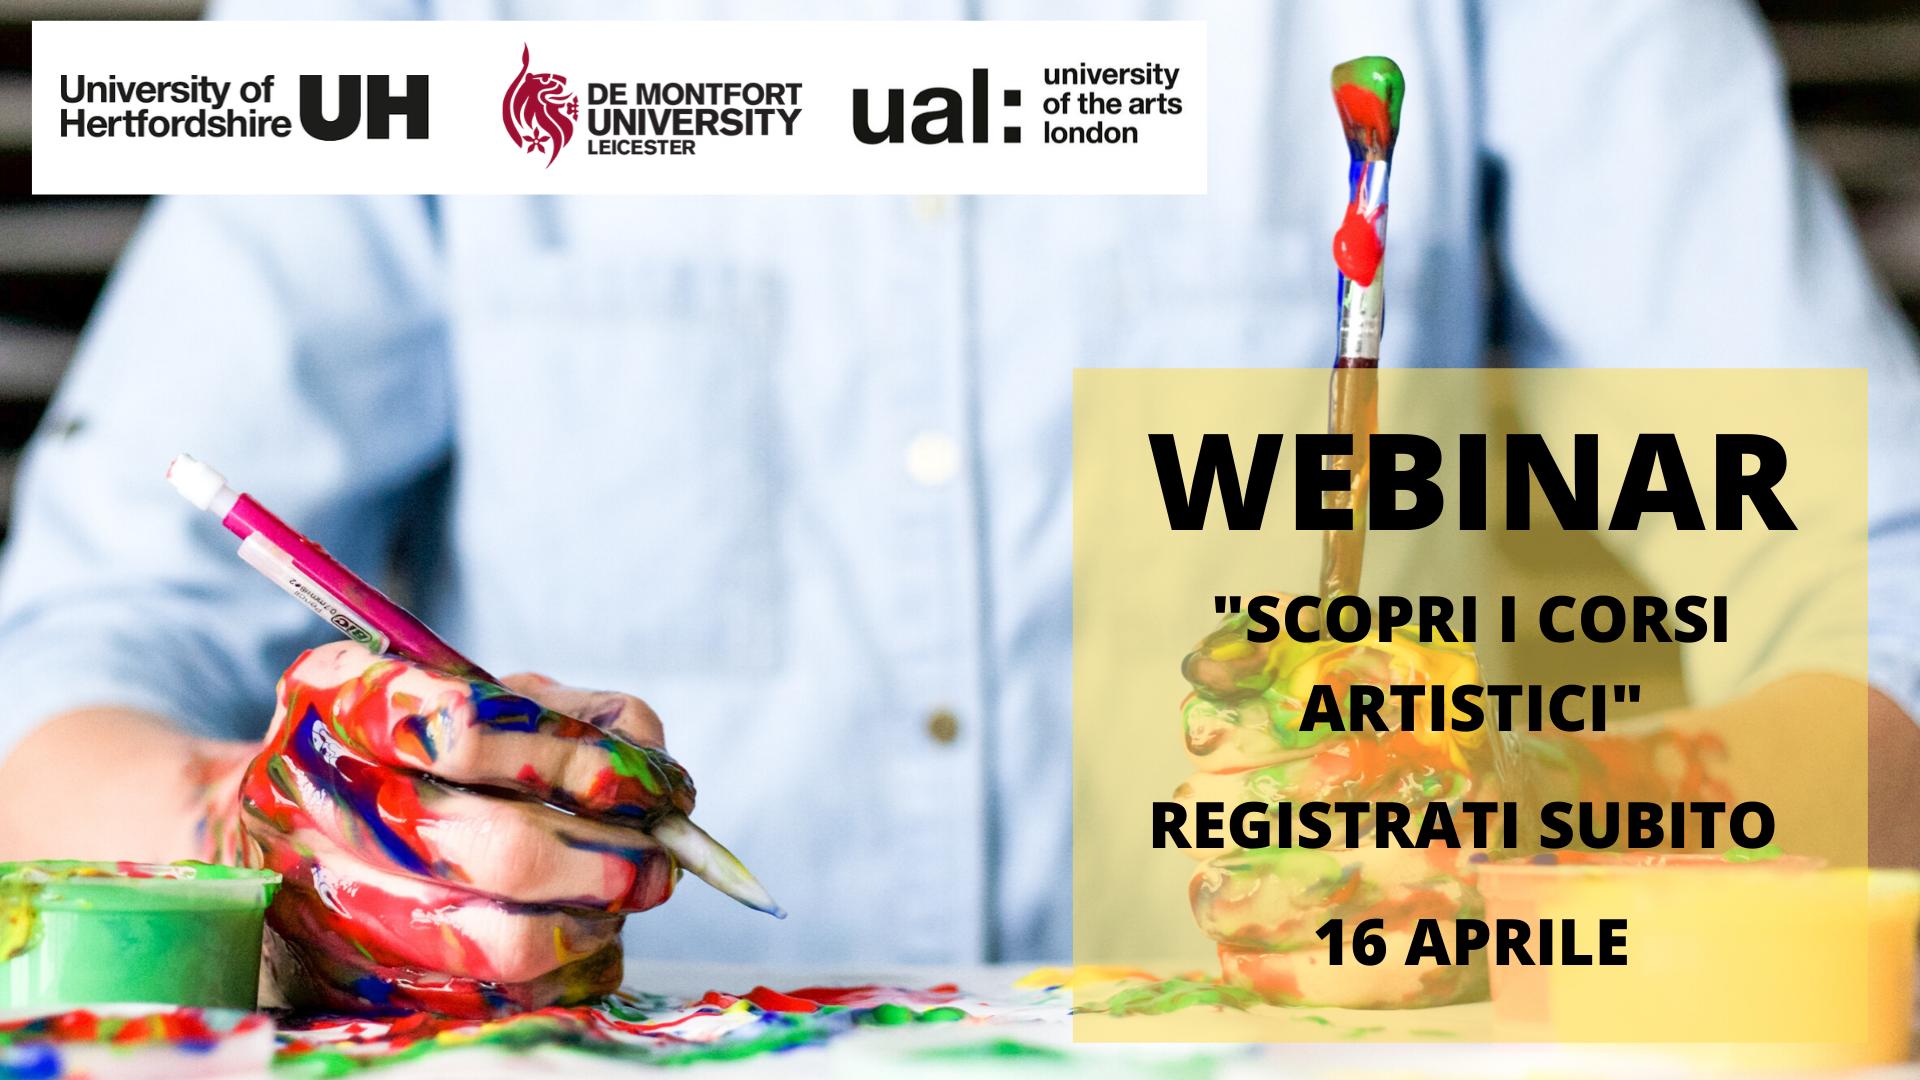 Scopri gli Artistic Courses. Persona che sta pitturando. Webinar il 16 aprile registrati